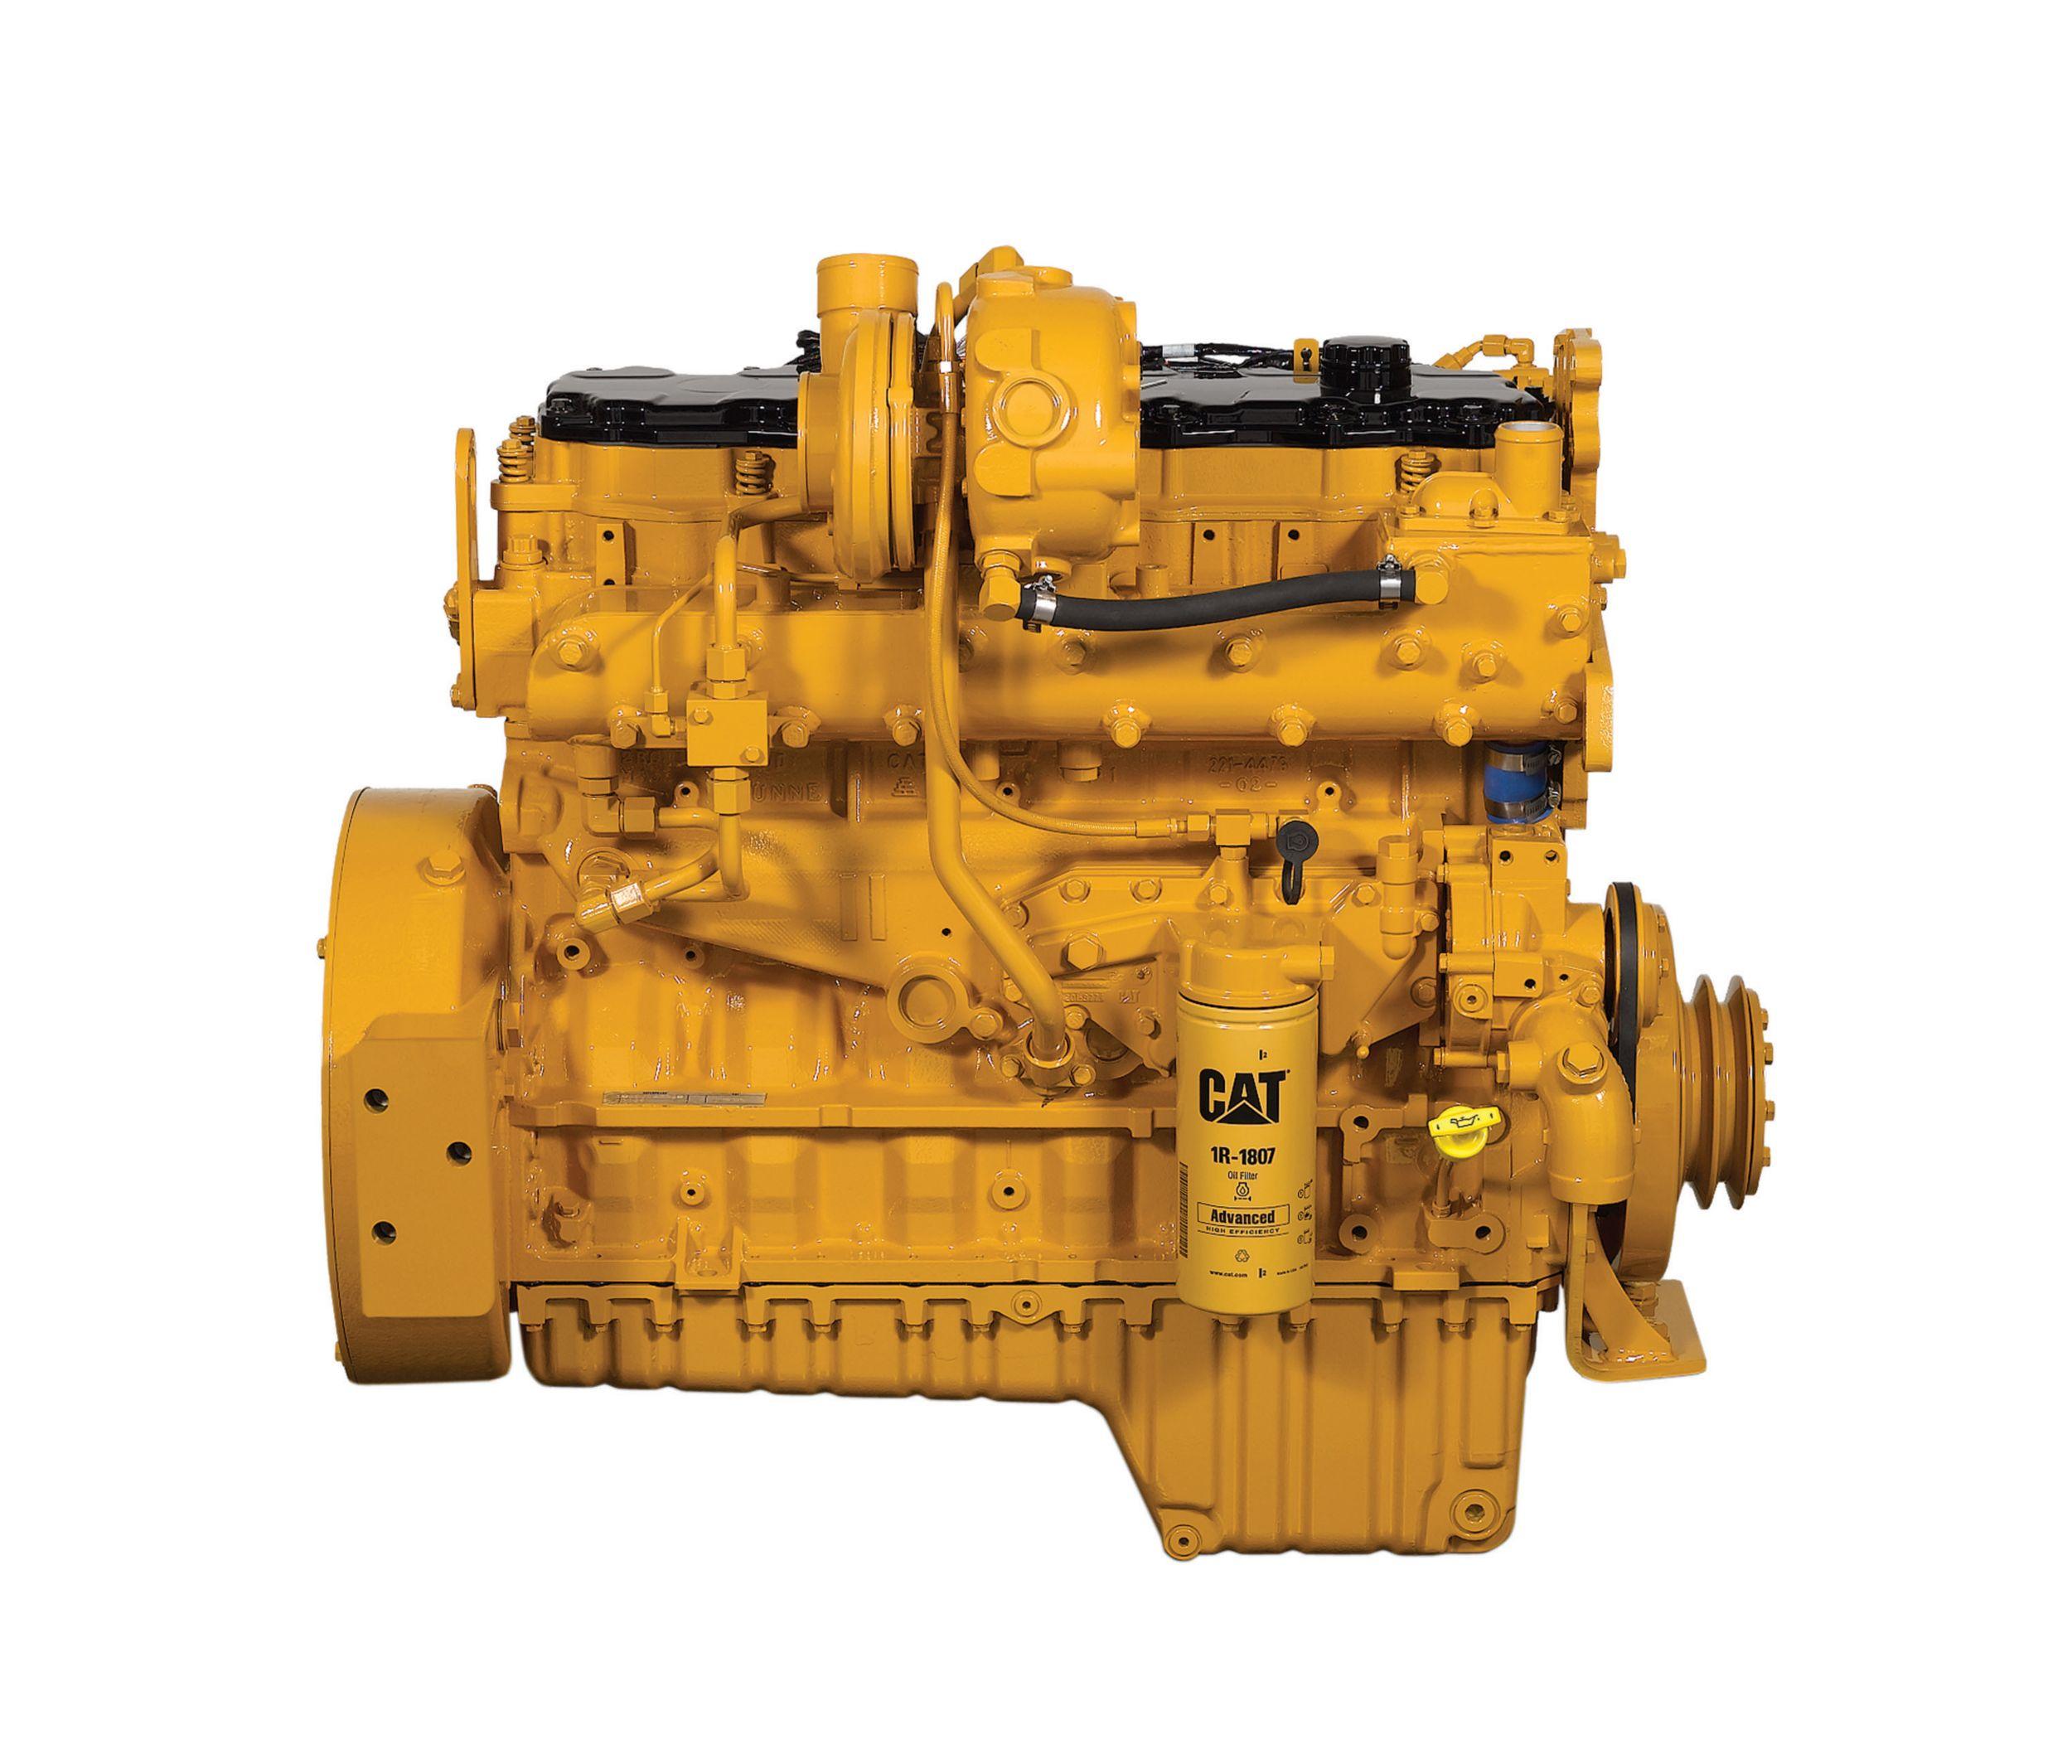 Cat   C7 ACERT™ Dry Manifold Engine   Caterpillar